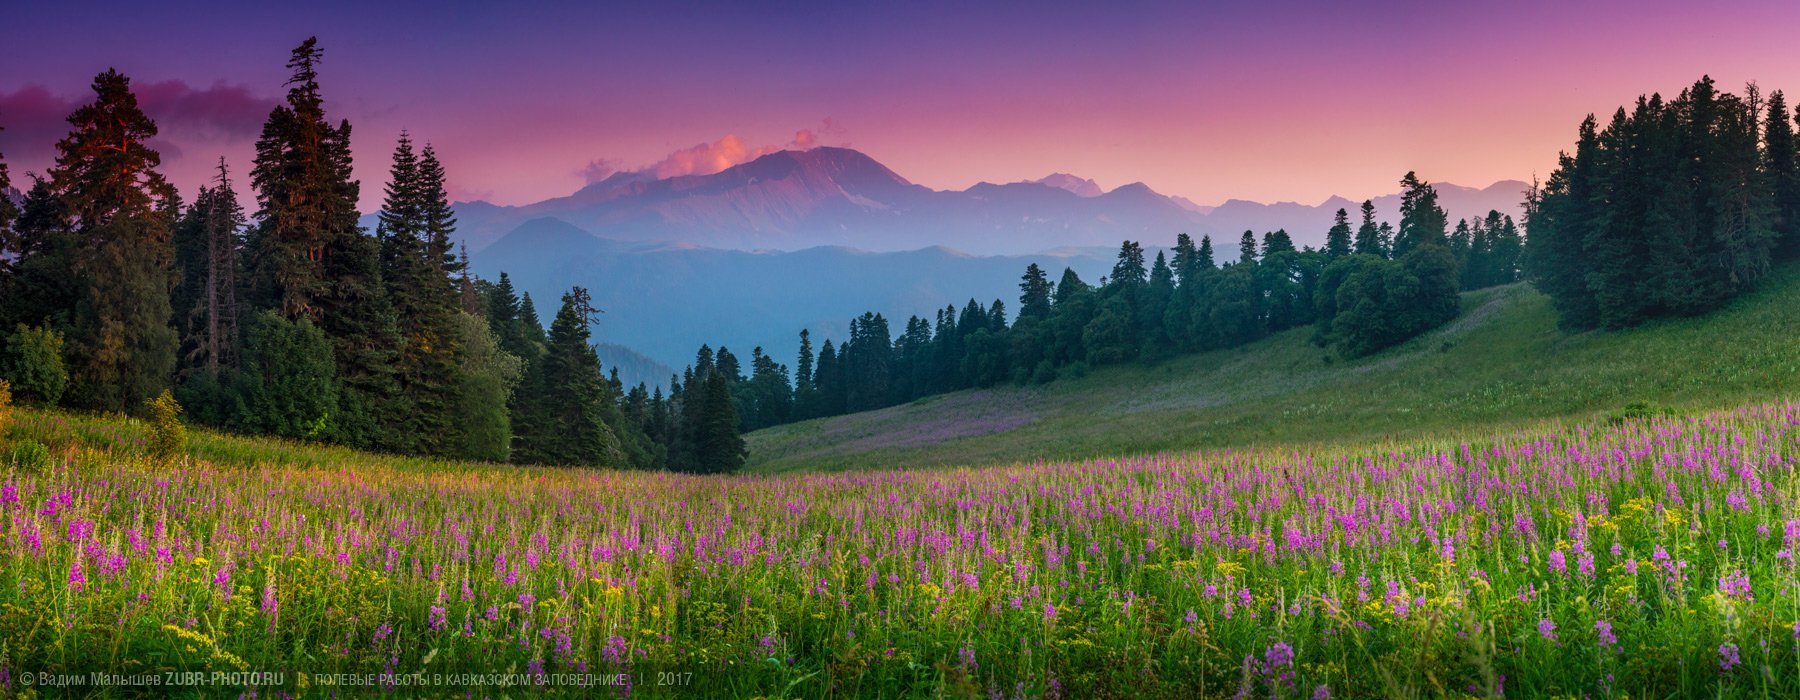 кипрей, иван-чай, кавказ, природа, пейзаж, панорама, лето, цветы, горы, поляна, заповедник, Вадим ZUBR Малышев